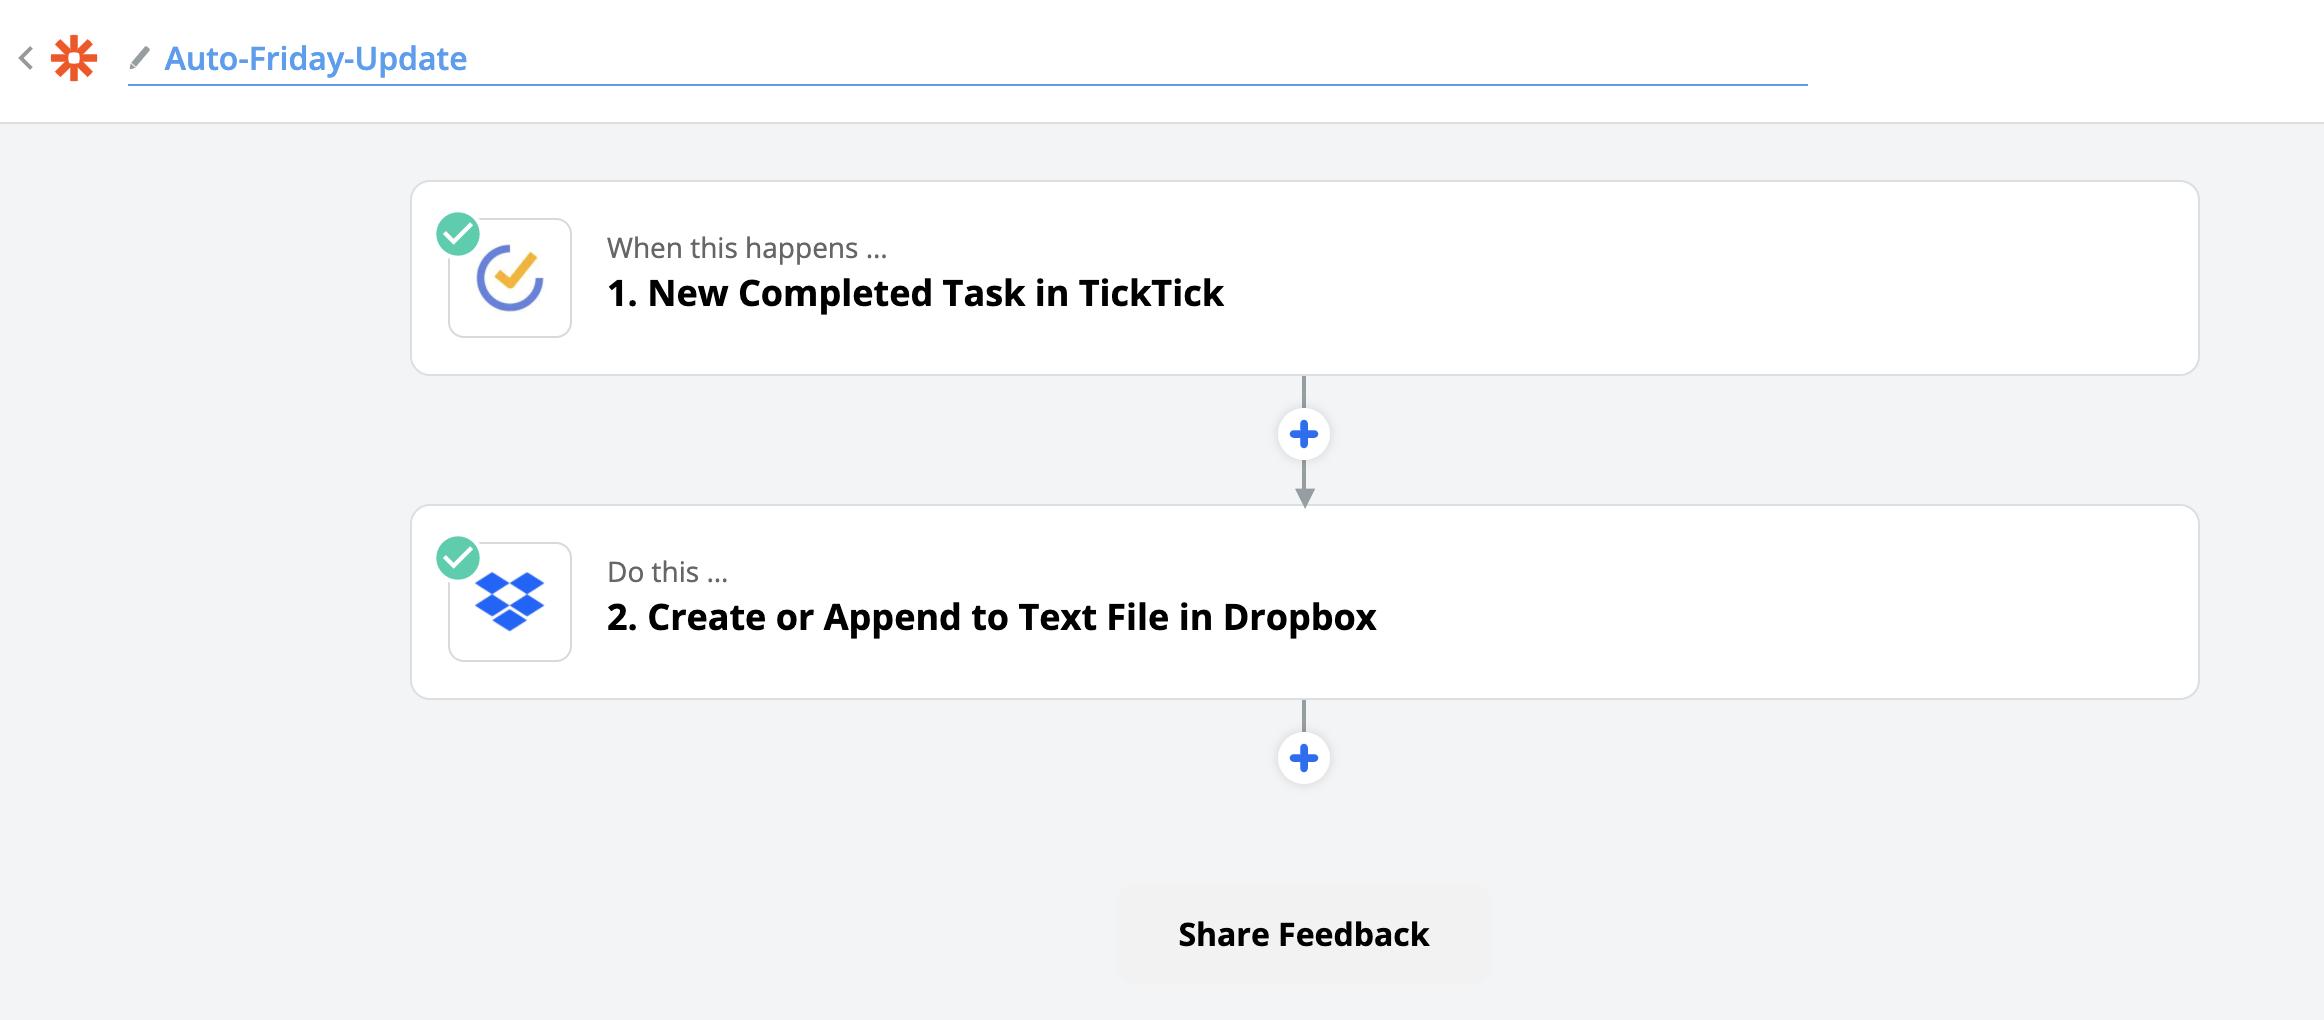 TickTick to Dropbox